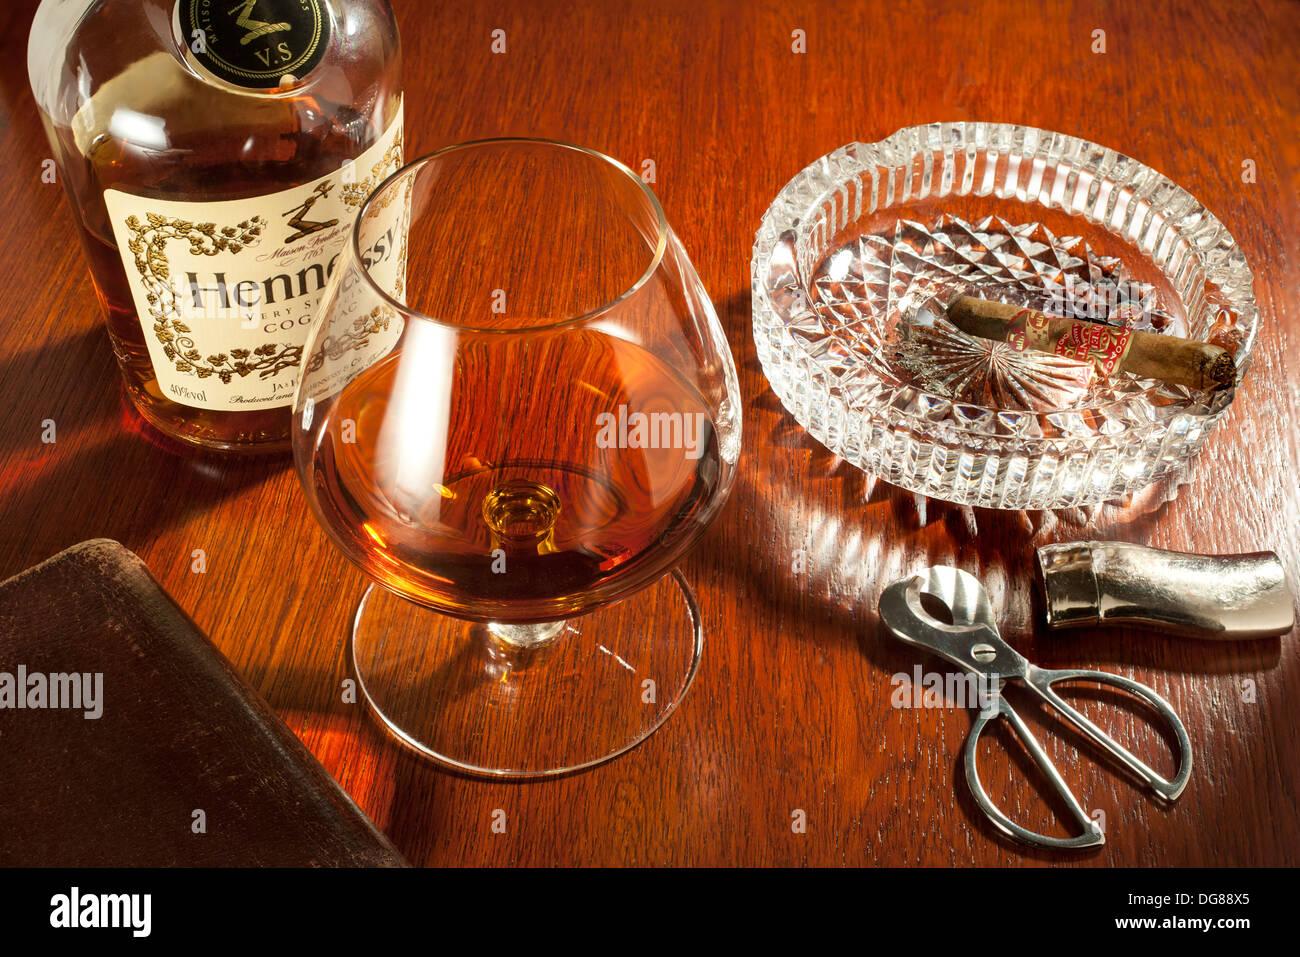 Schnaps und Zigarren - ein Cognac-Schwenker Glas Hennessy Cognac mit einem Teil rauchte Zigarre im Aschenbecher Stockbild